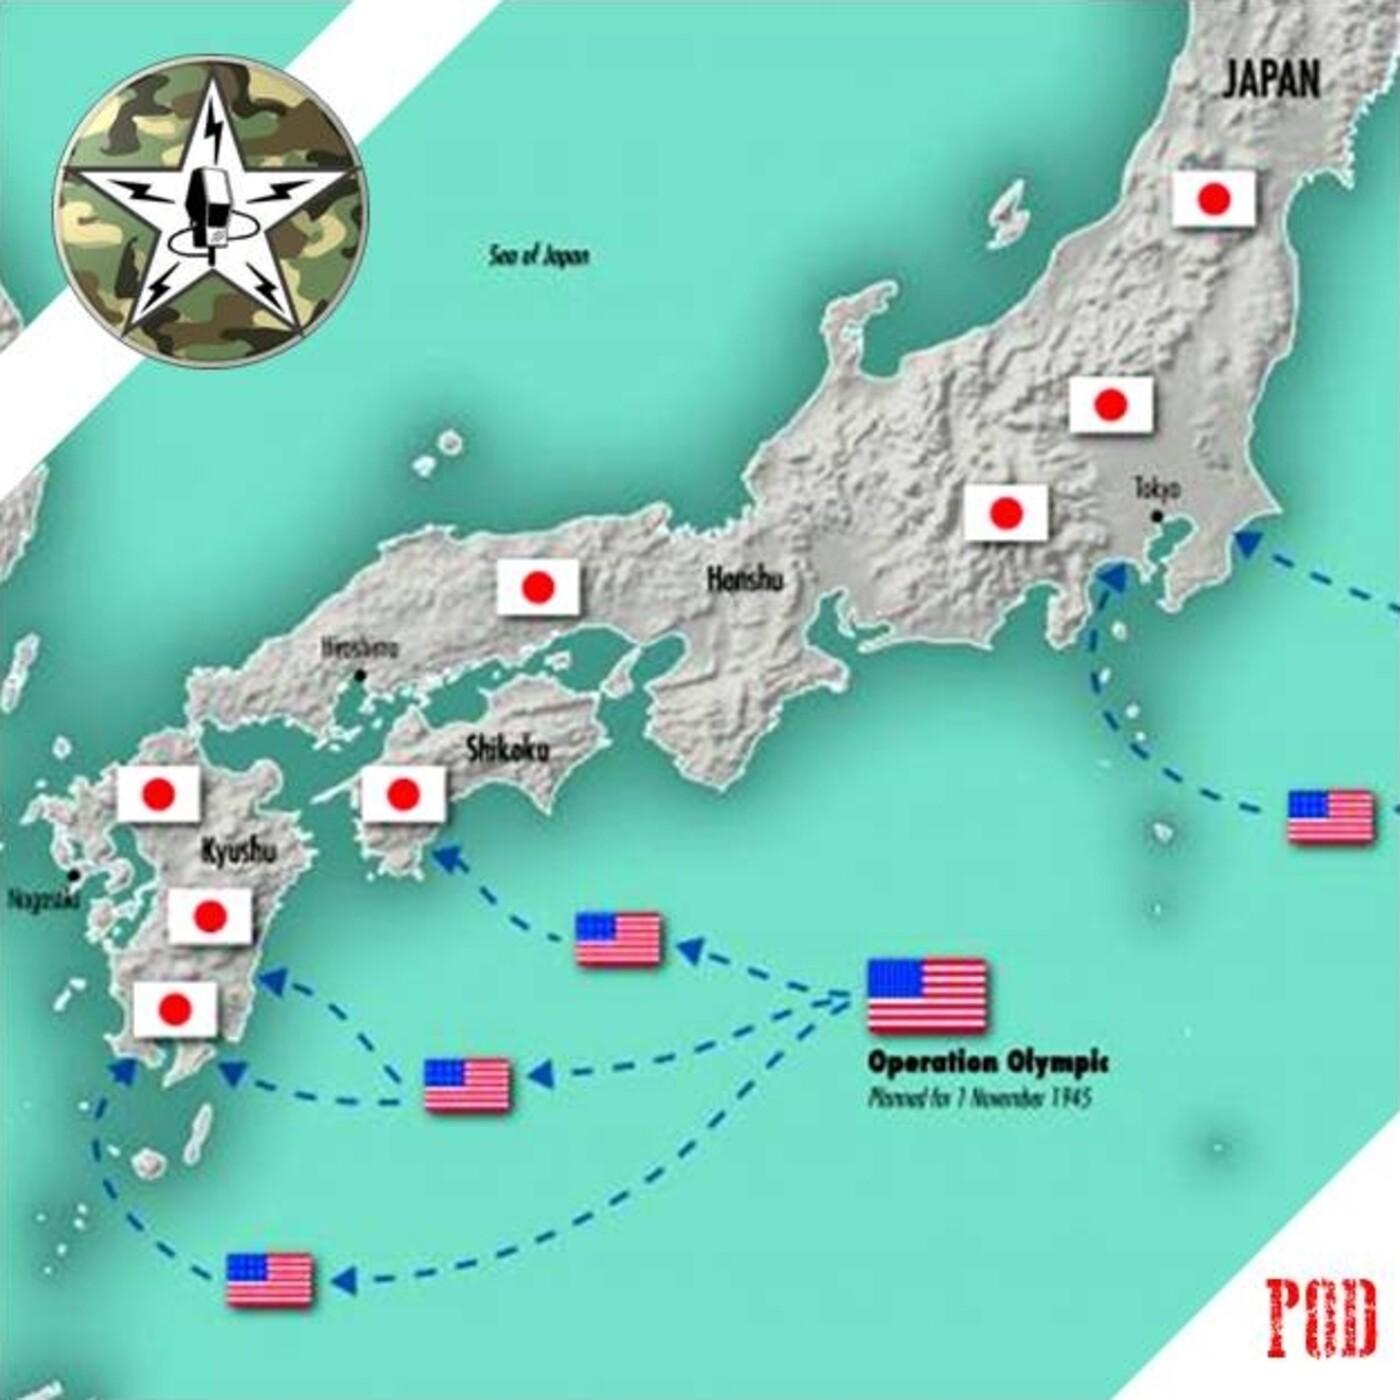 POD# Downfall, planes de invasión del Japón